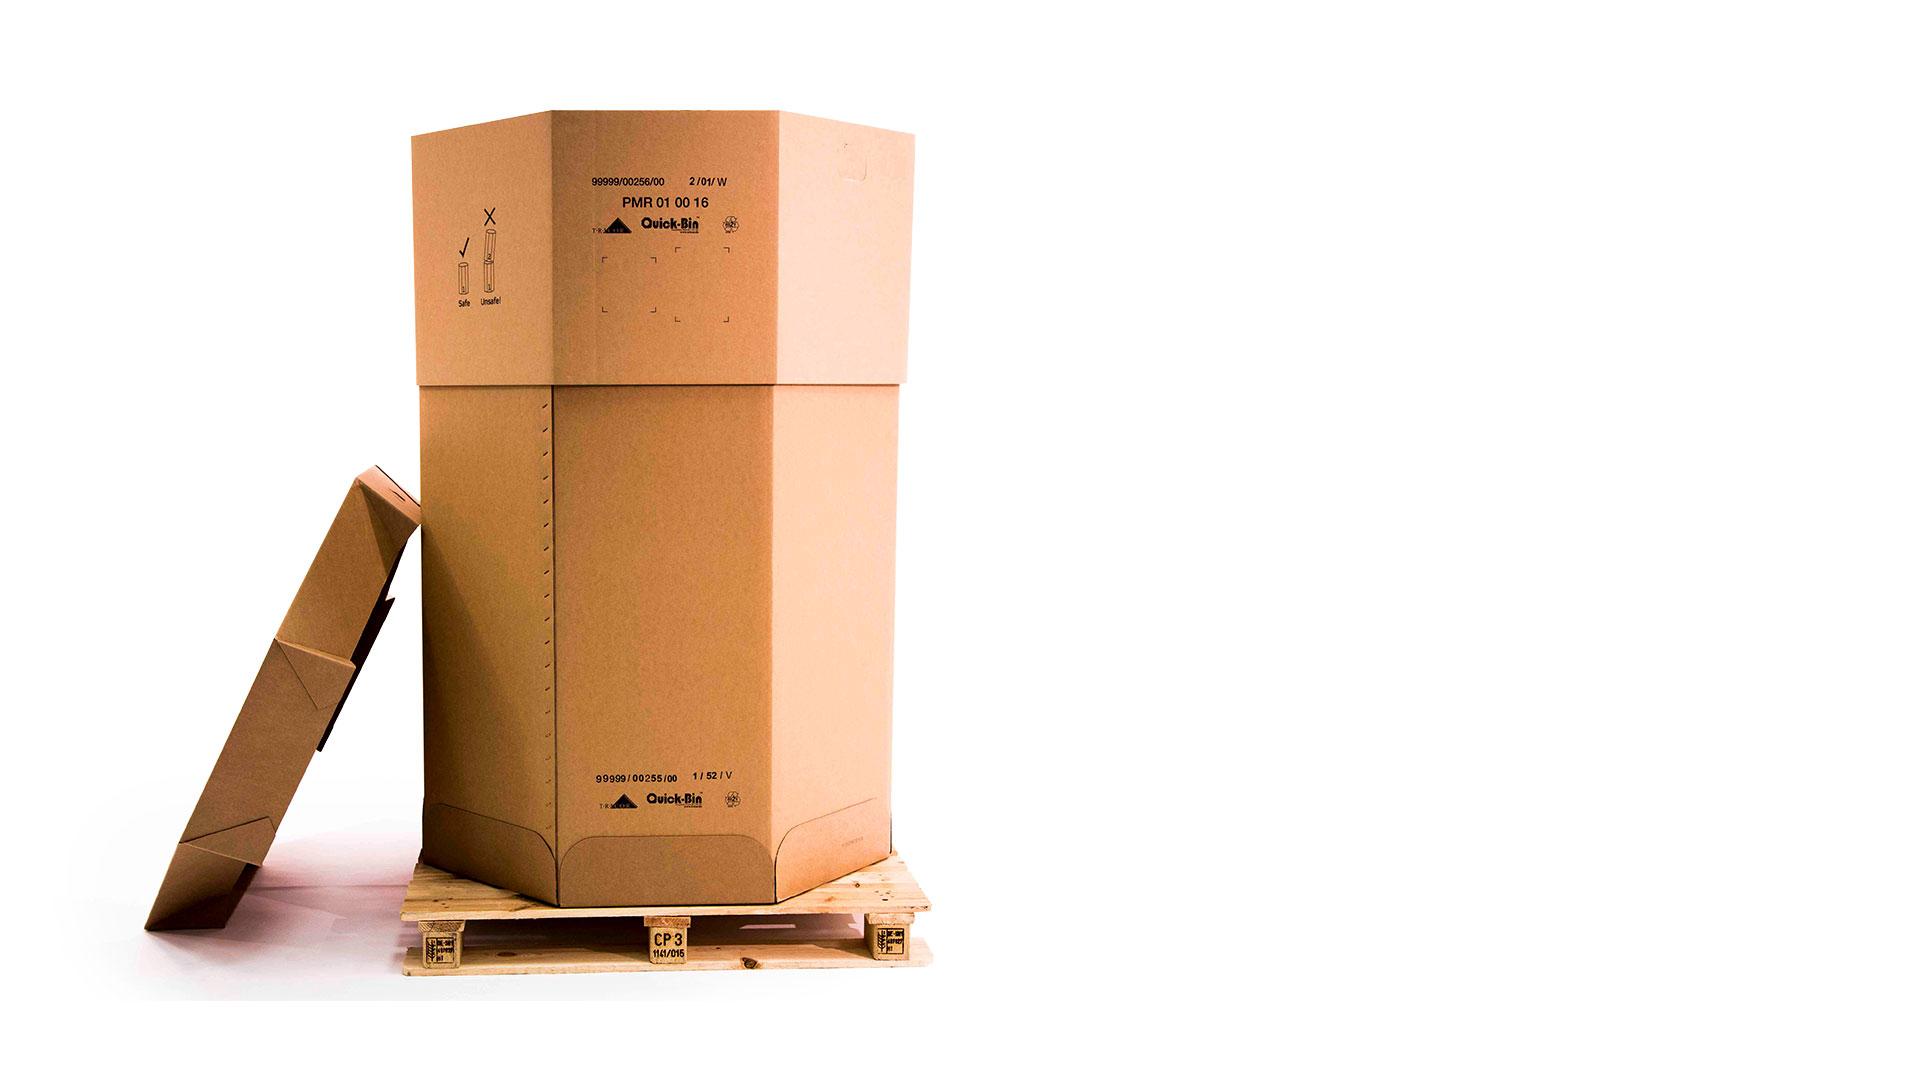 Oktabin - Innovative Verpackungslösung von TRICOR für